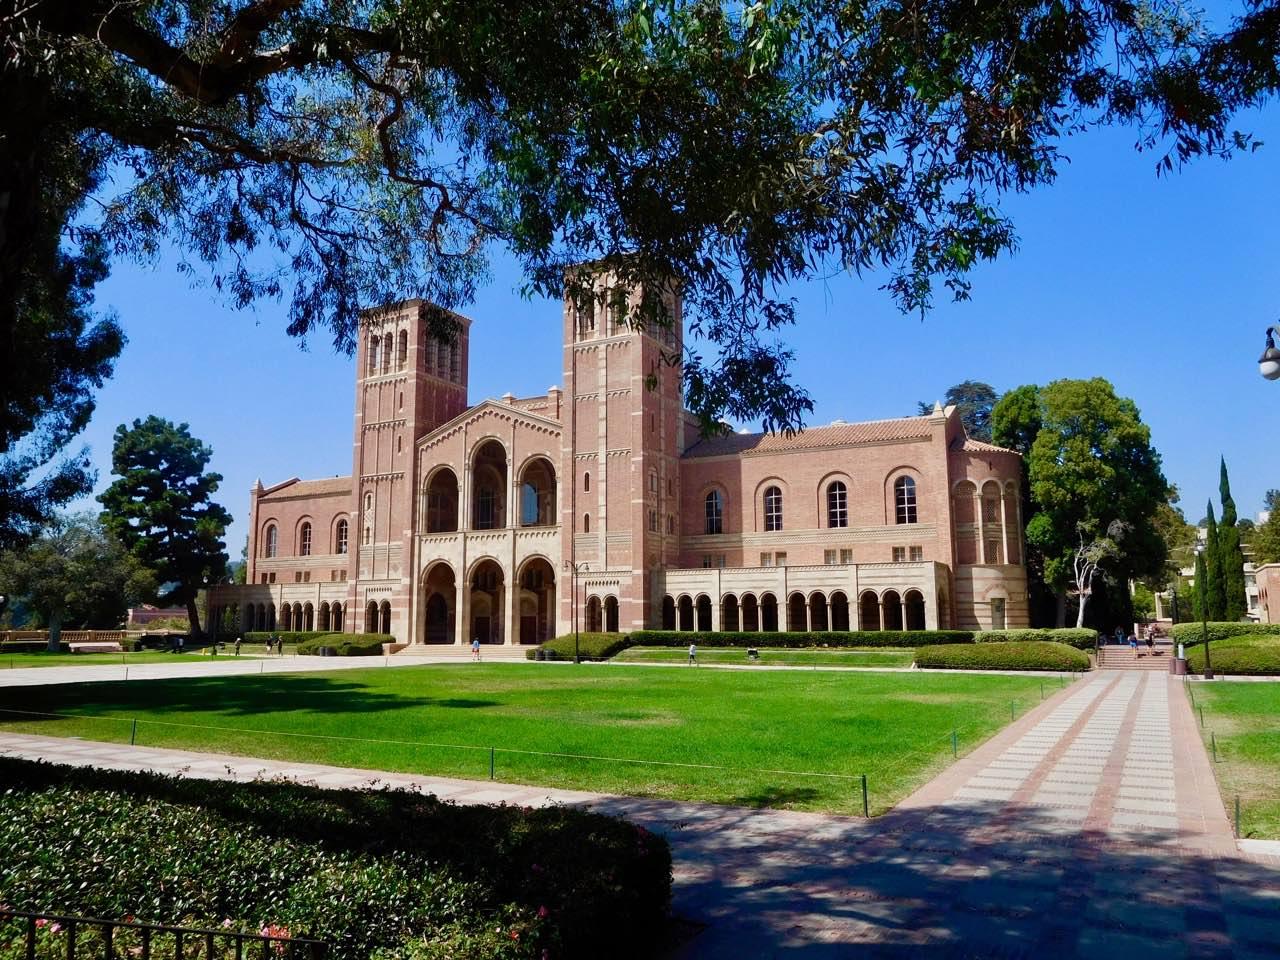 3 Days in L.A. - UCLA Campus (3)